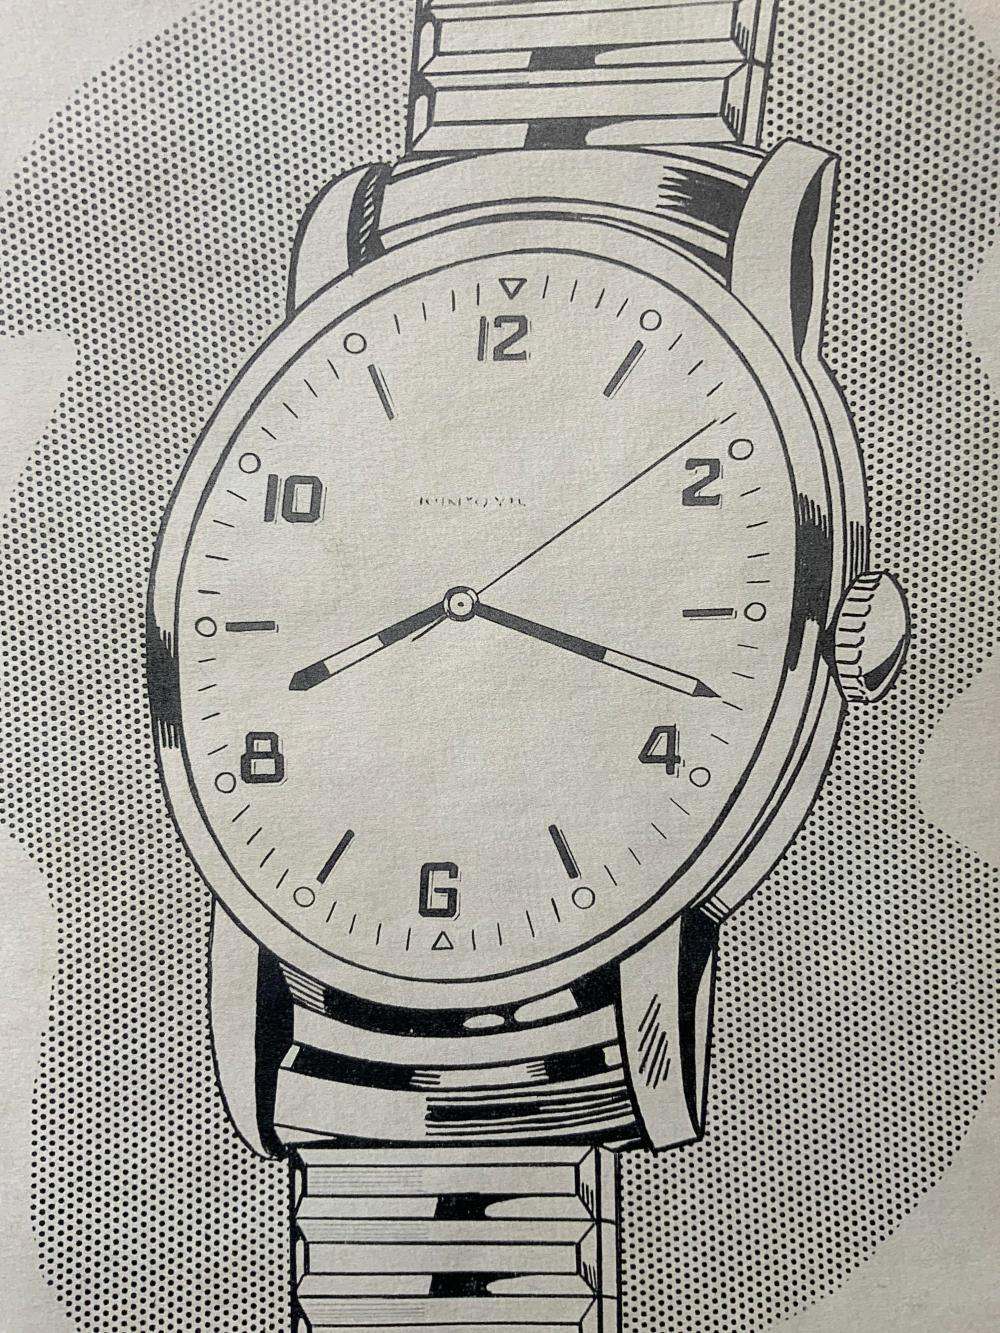 ATTR ROY LICHTENSTEIN Signed Wrist Watch Litho